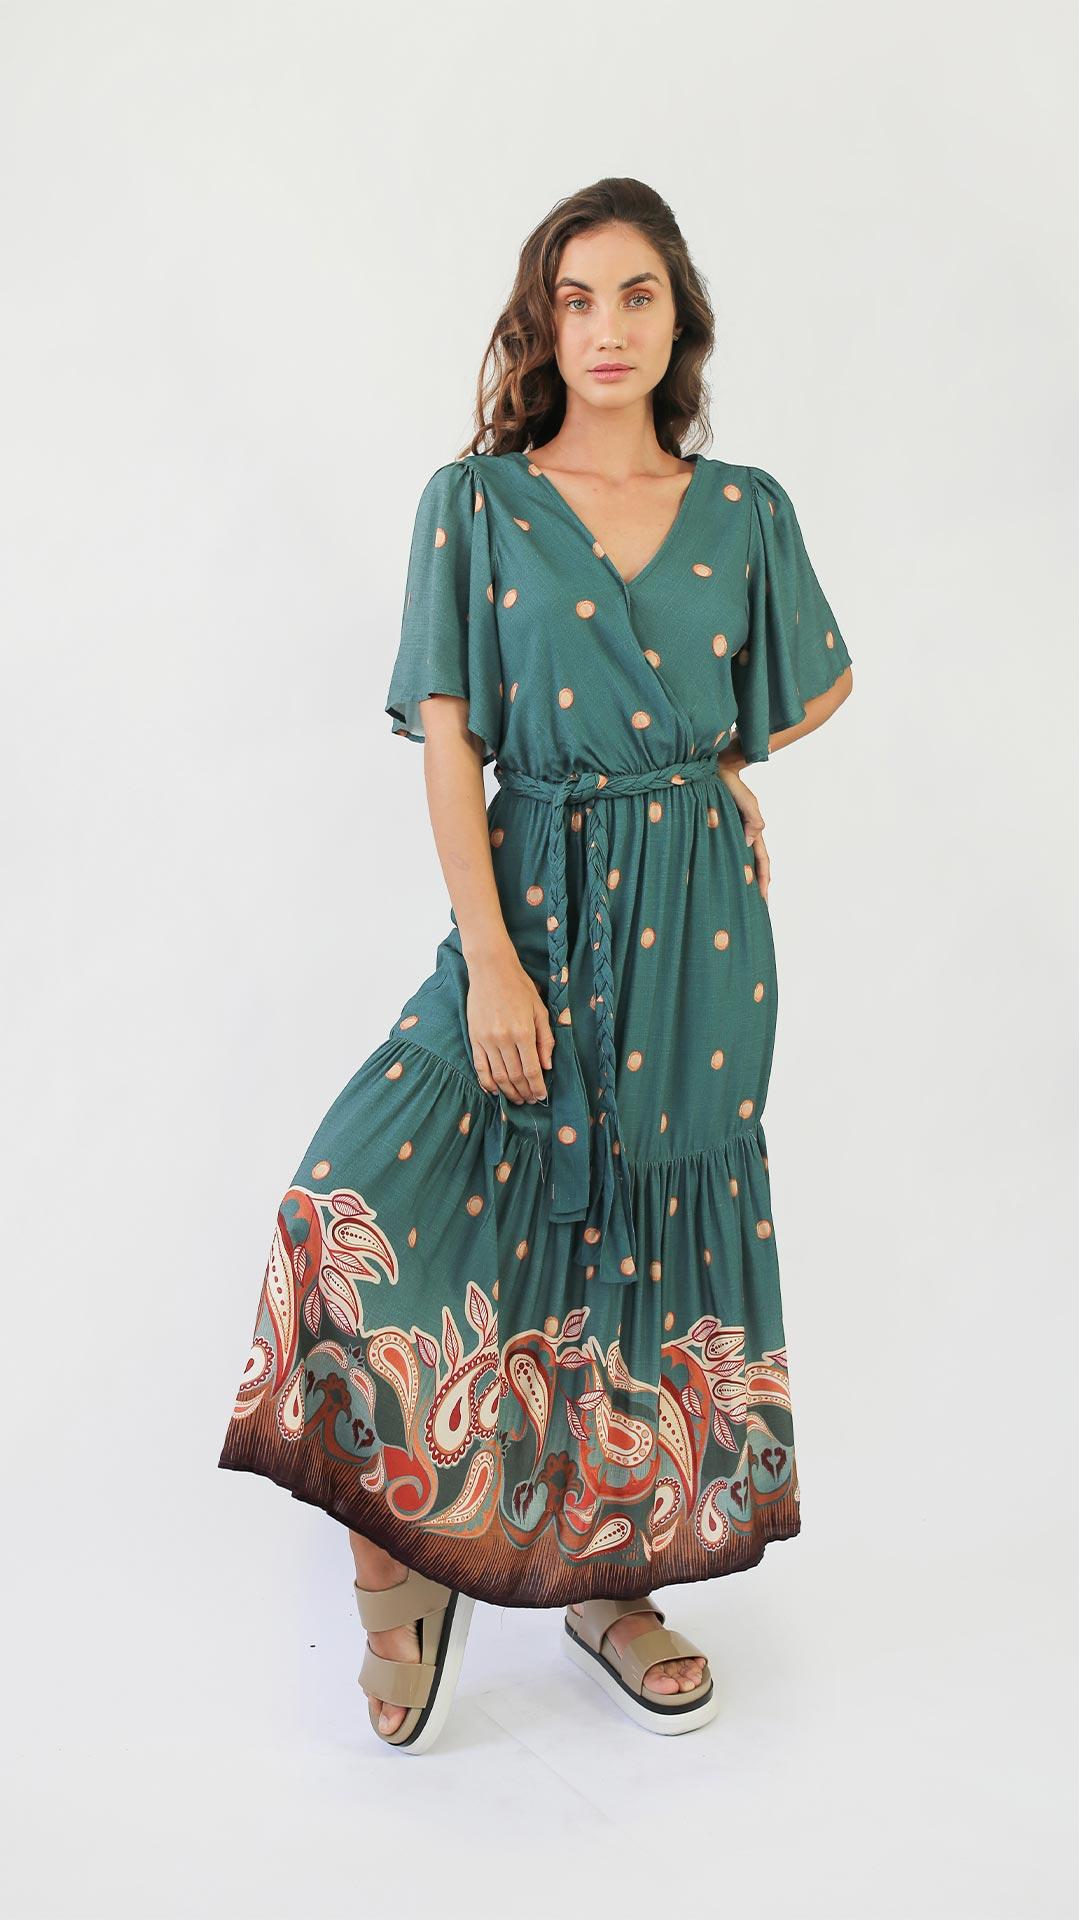 Vestido Lenço [LONGO]